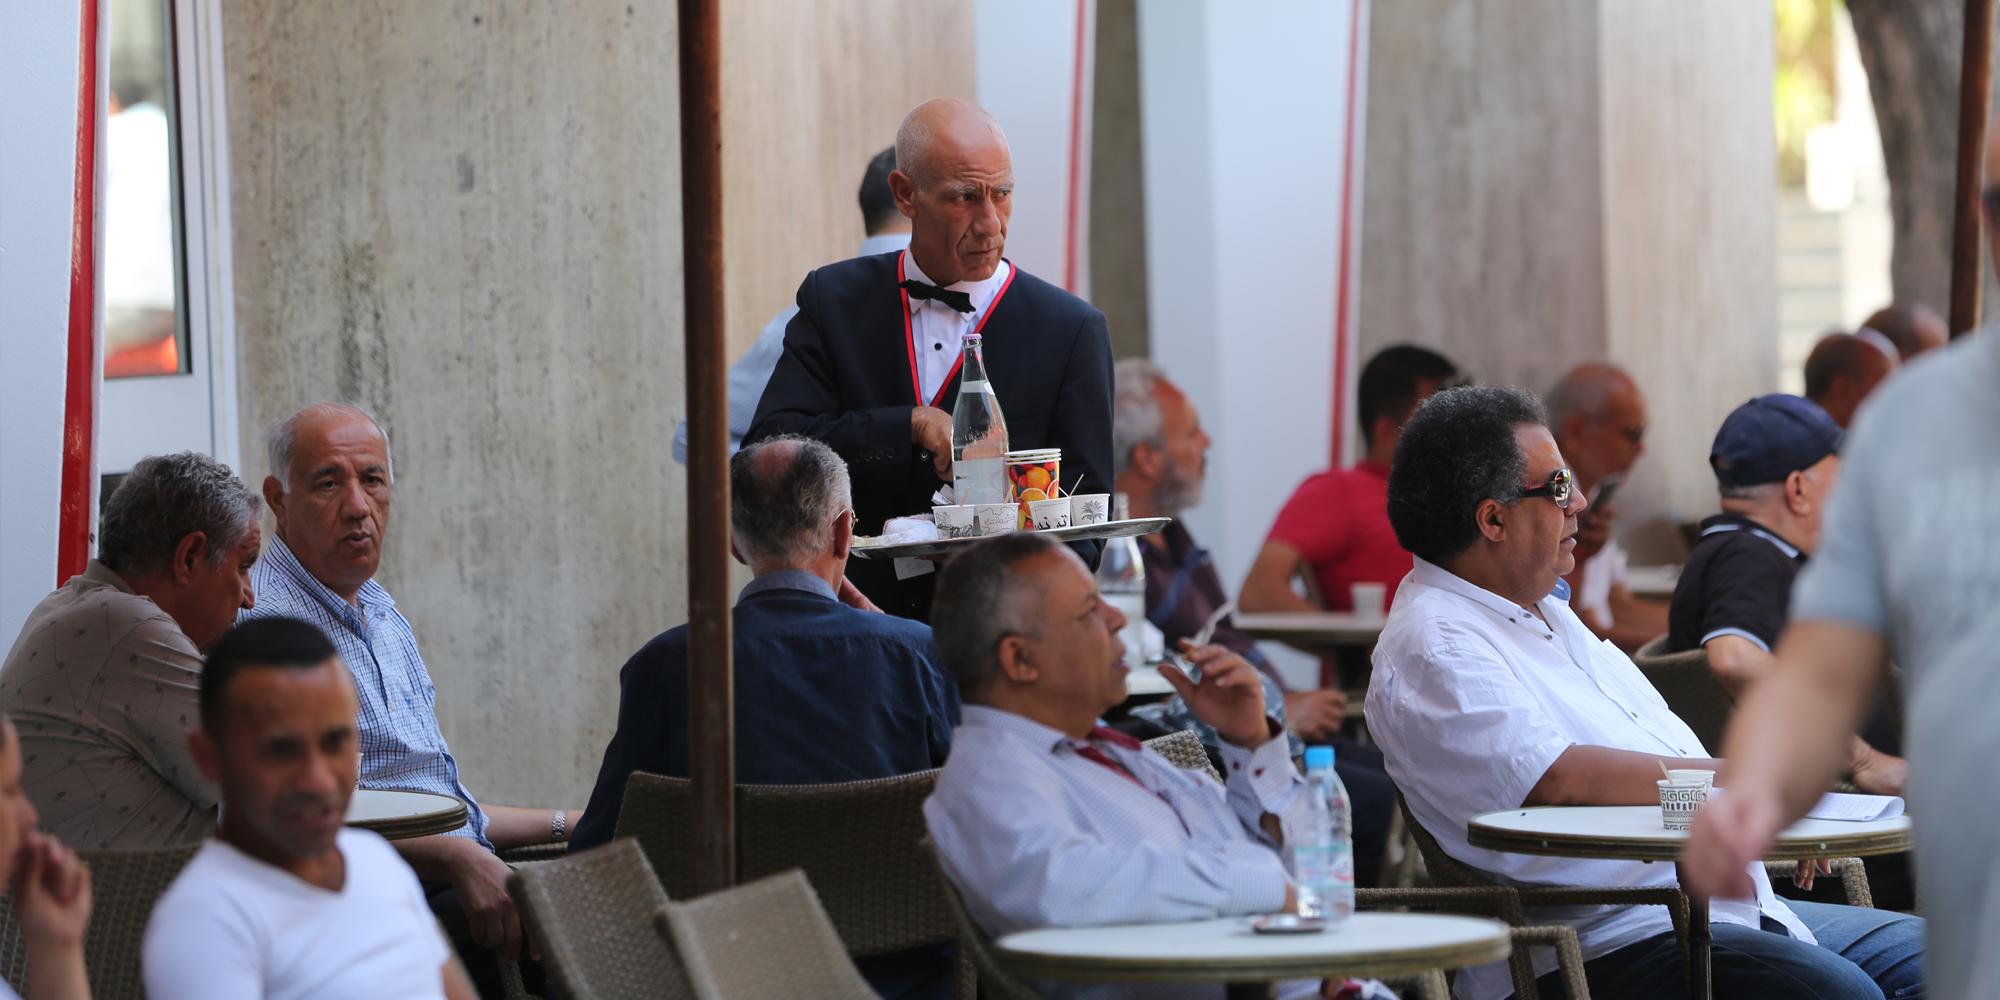 Tunisie: La chambre nationale des cafetiers appelle à fixer le couvre-feu à minuit